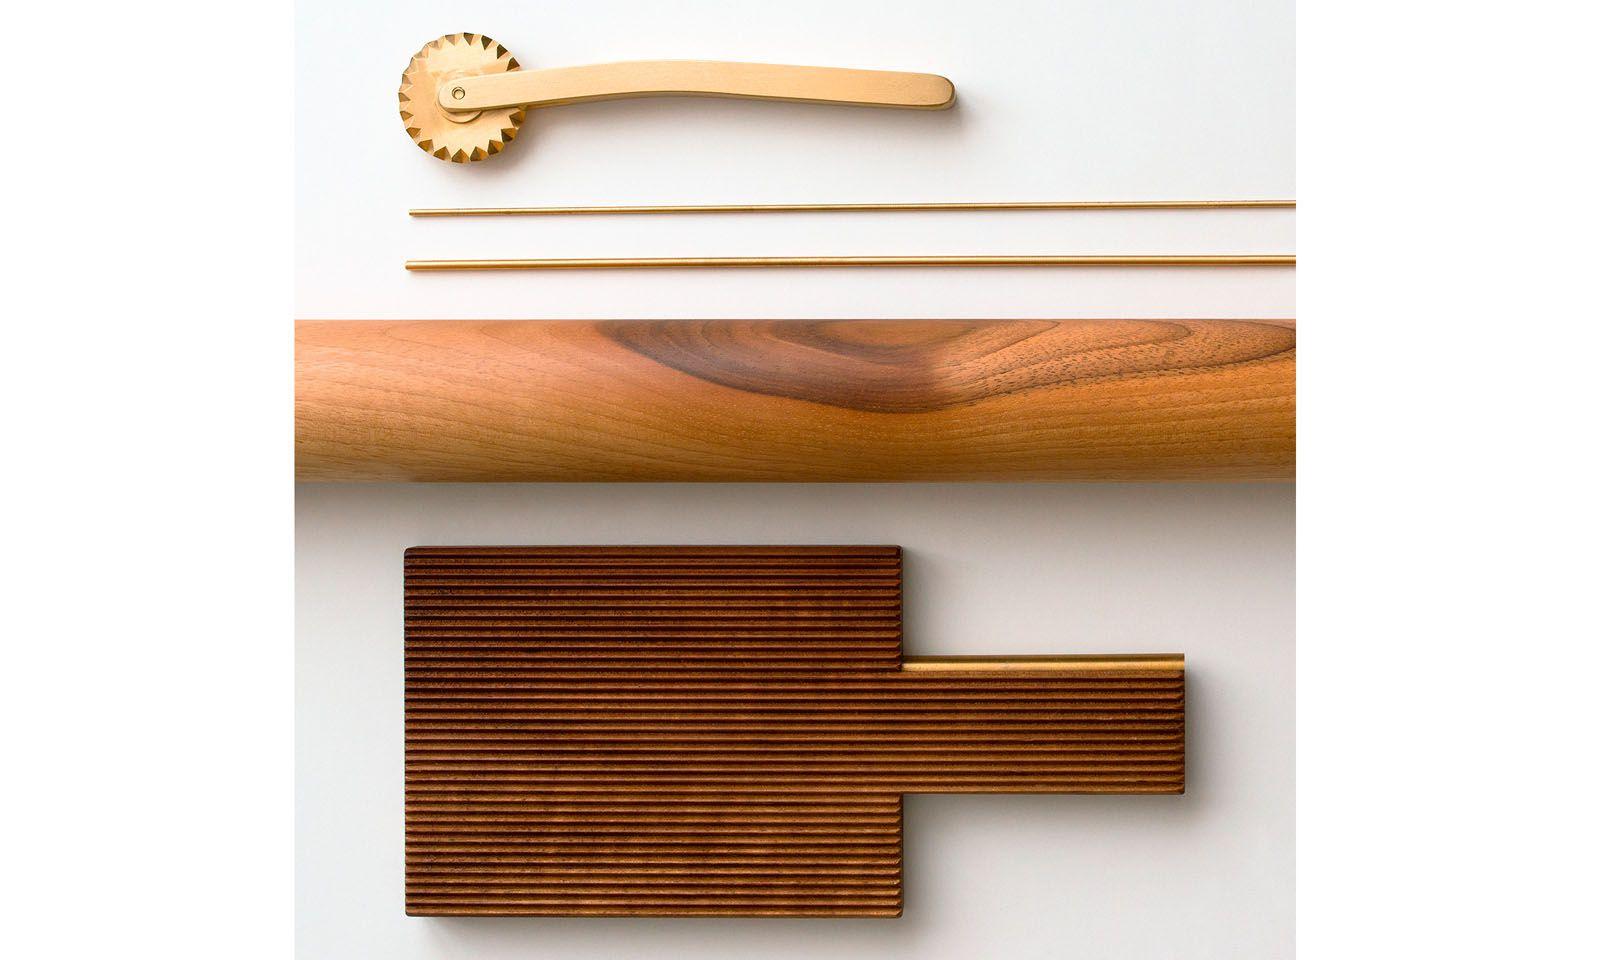 Werkzeug. Teigrächen, Metallstäbchen, Mattarello, Riga-Gnocchi: alles nicht unbedingt nötig.